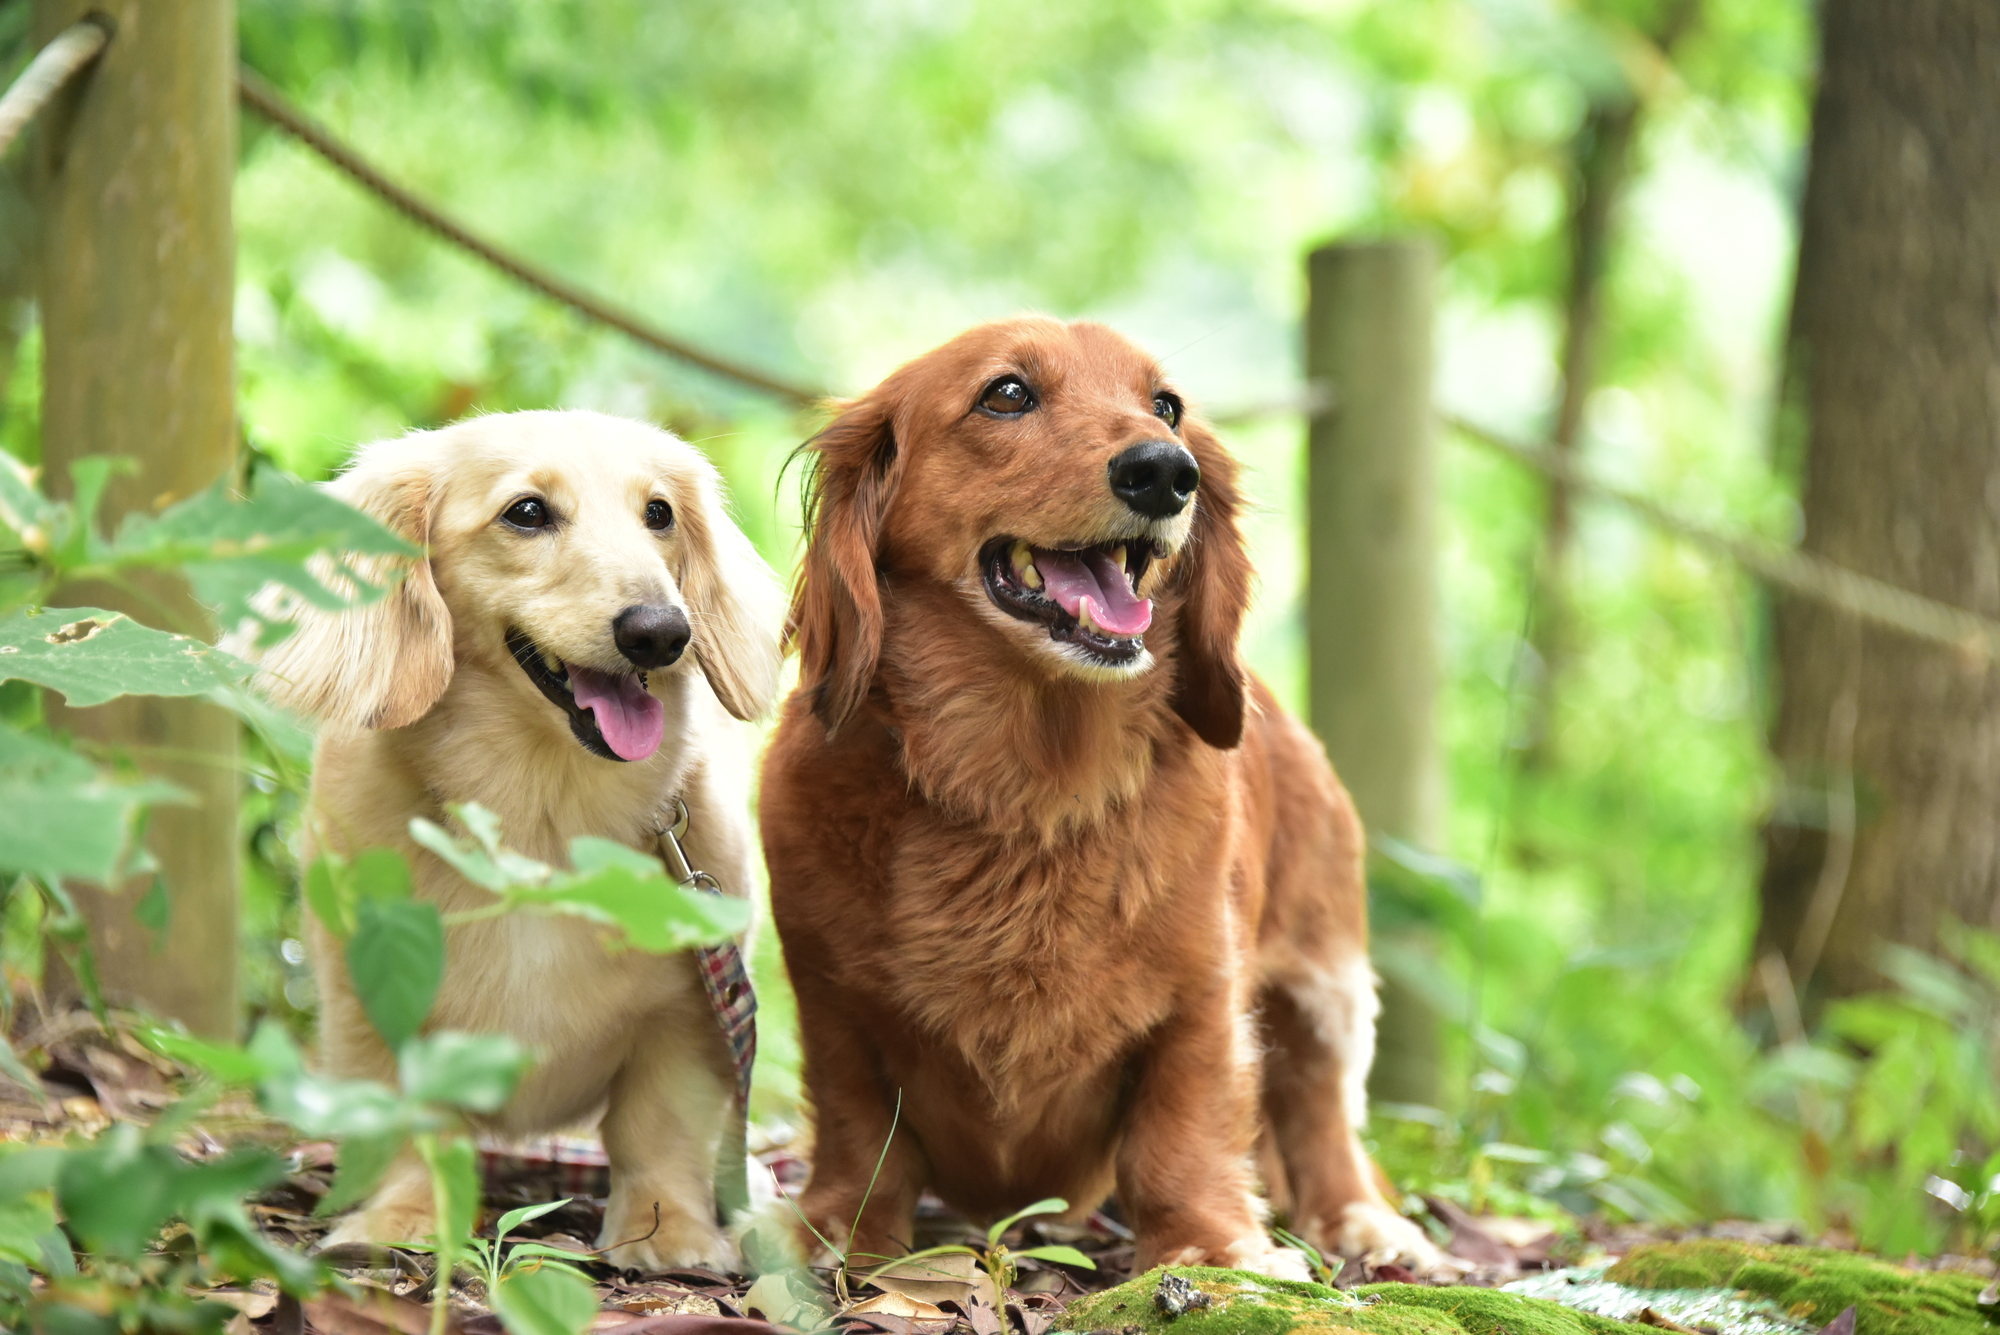 緑豊かな場所で散歩する犬